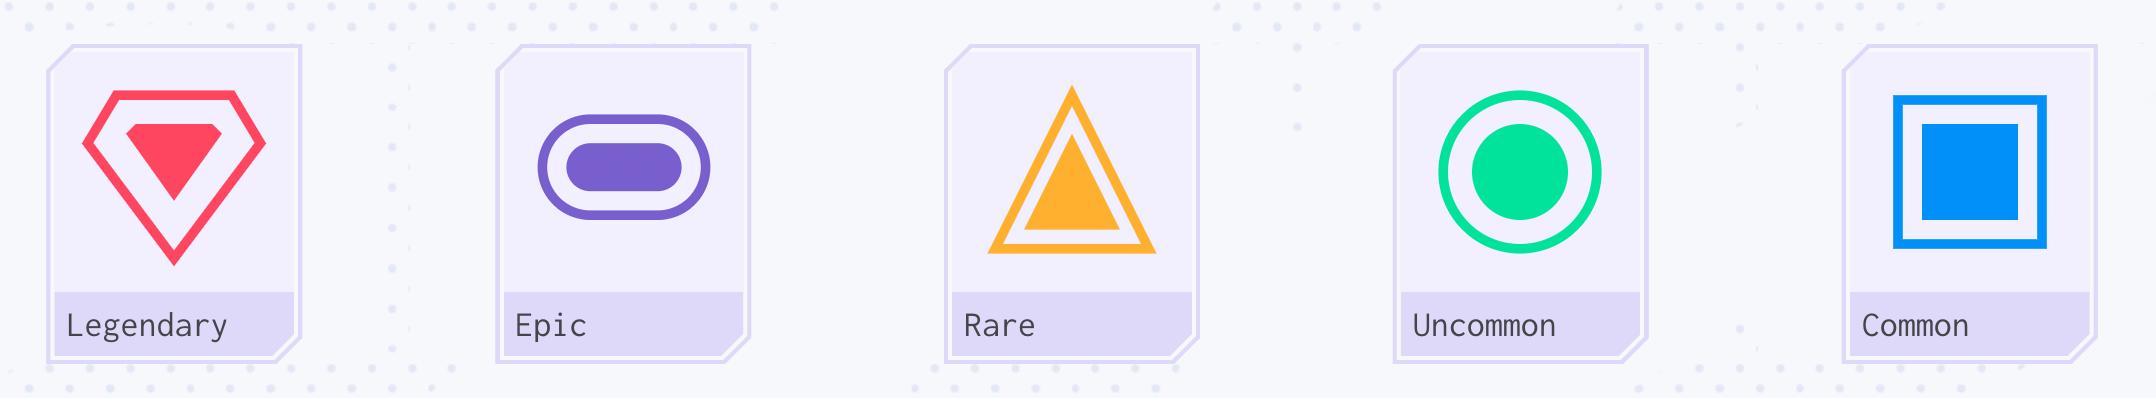 Rarity Levels